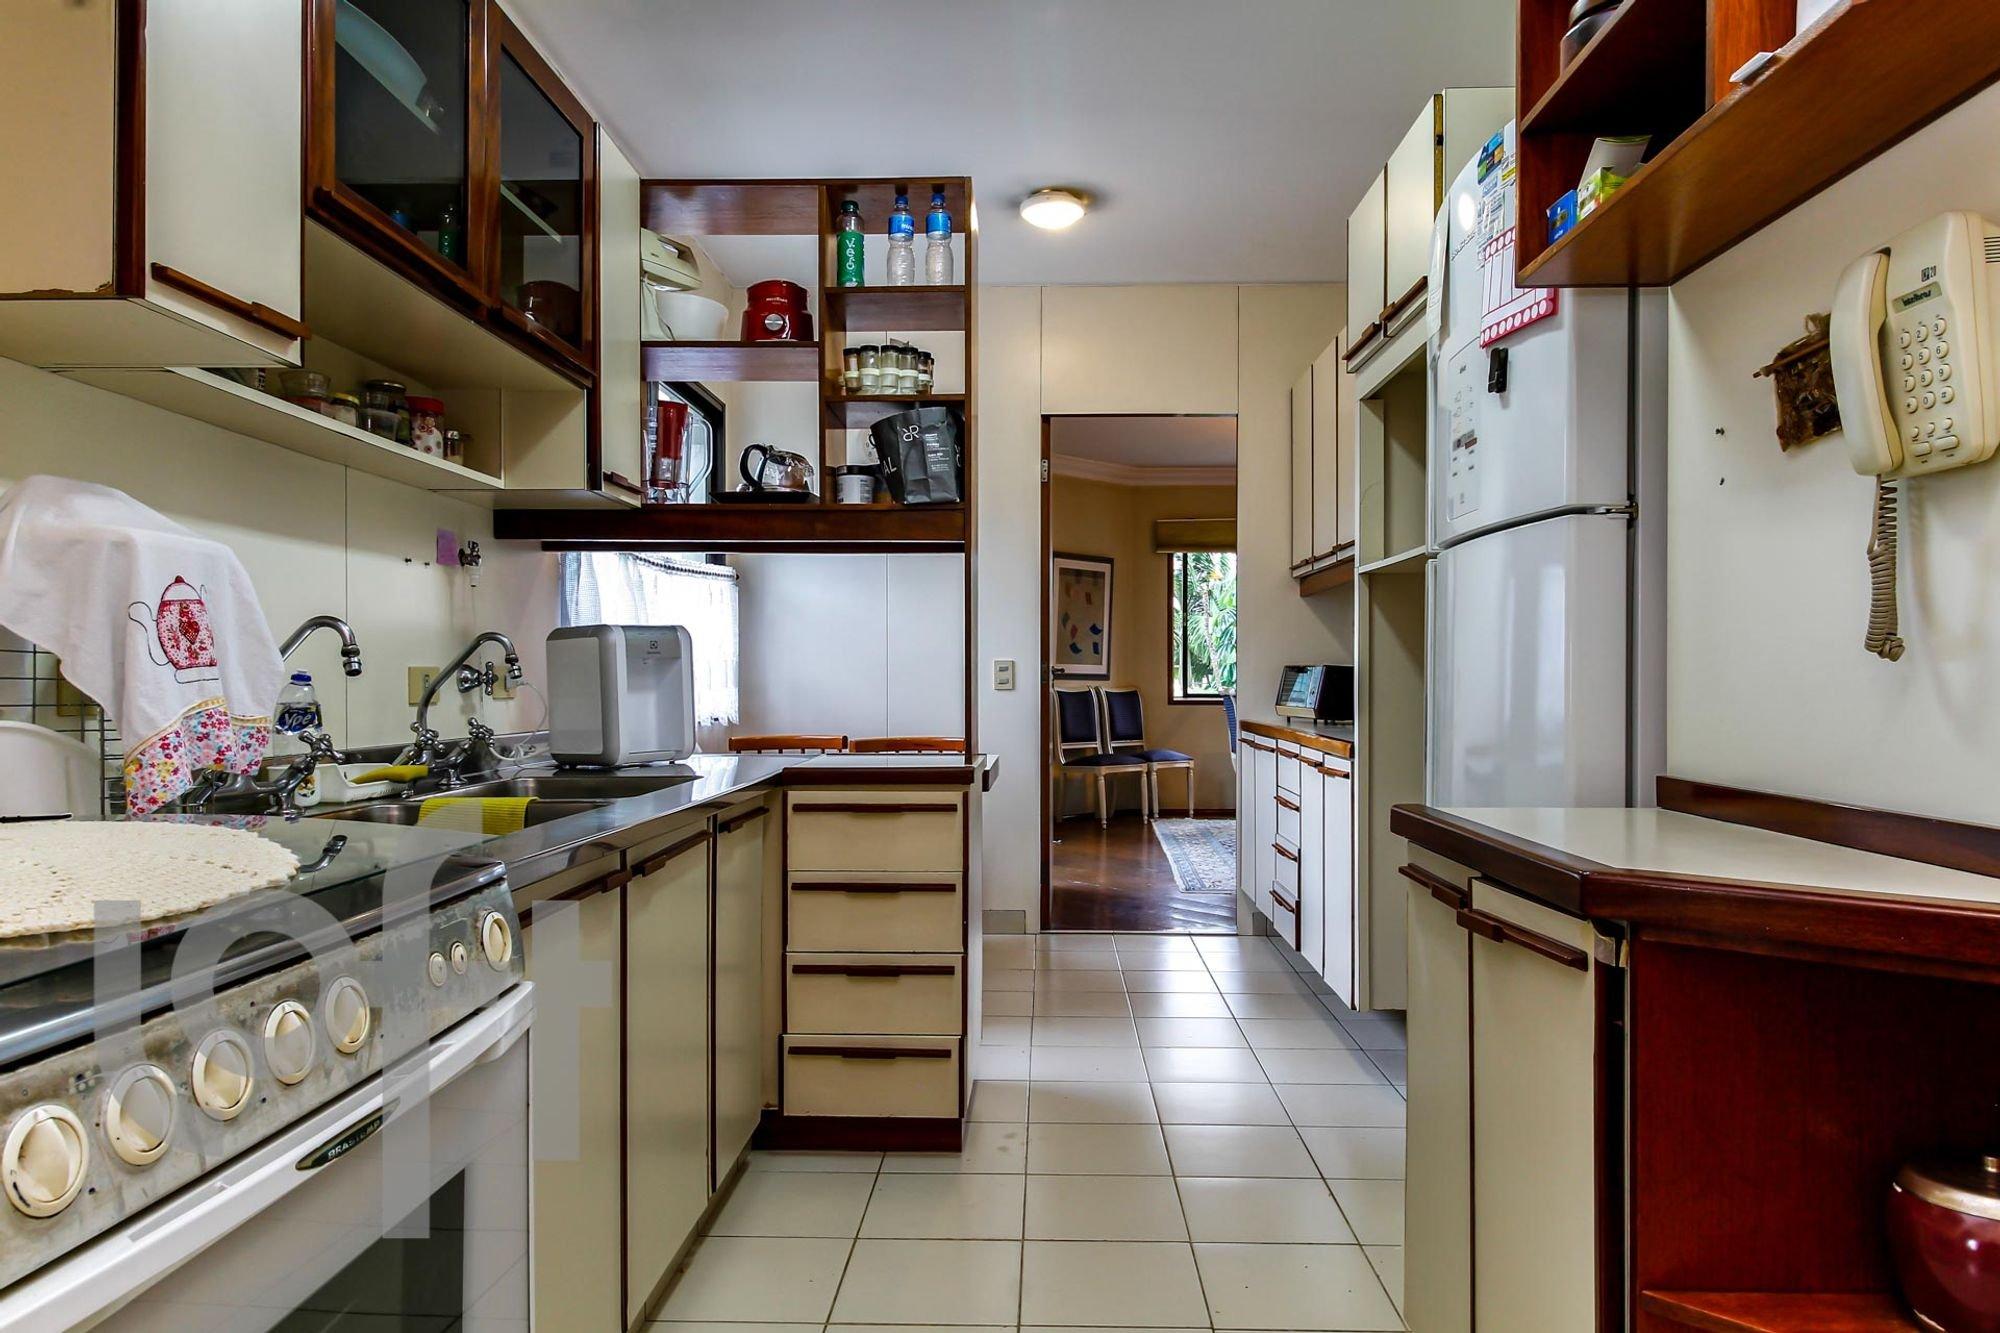 Foto de Cozinha com garrafa, forno, cadeira, pia